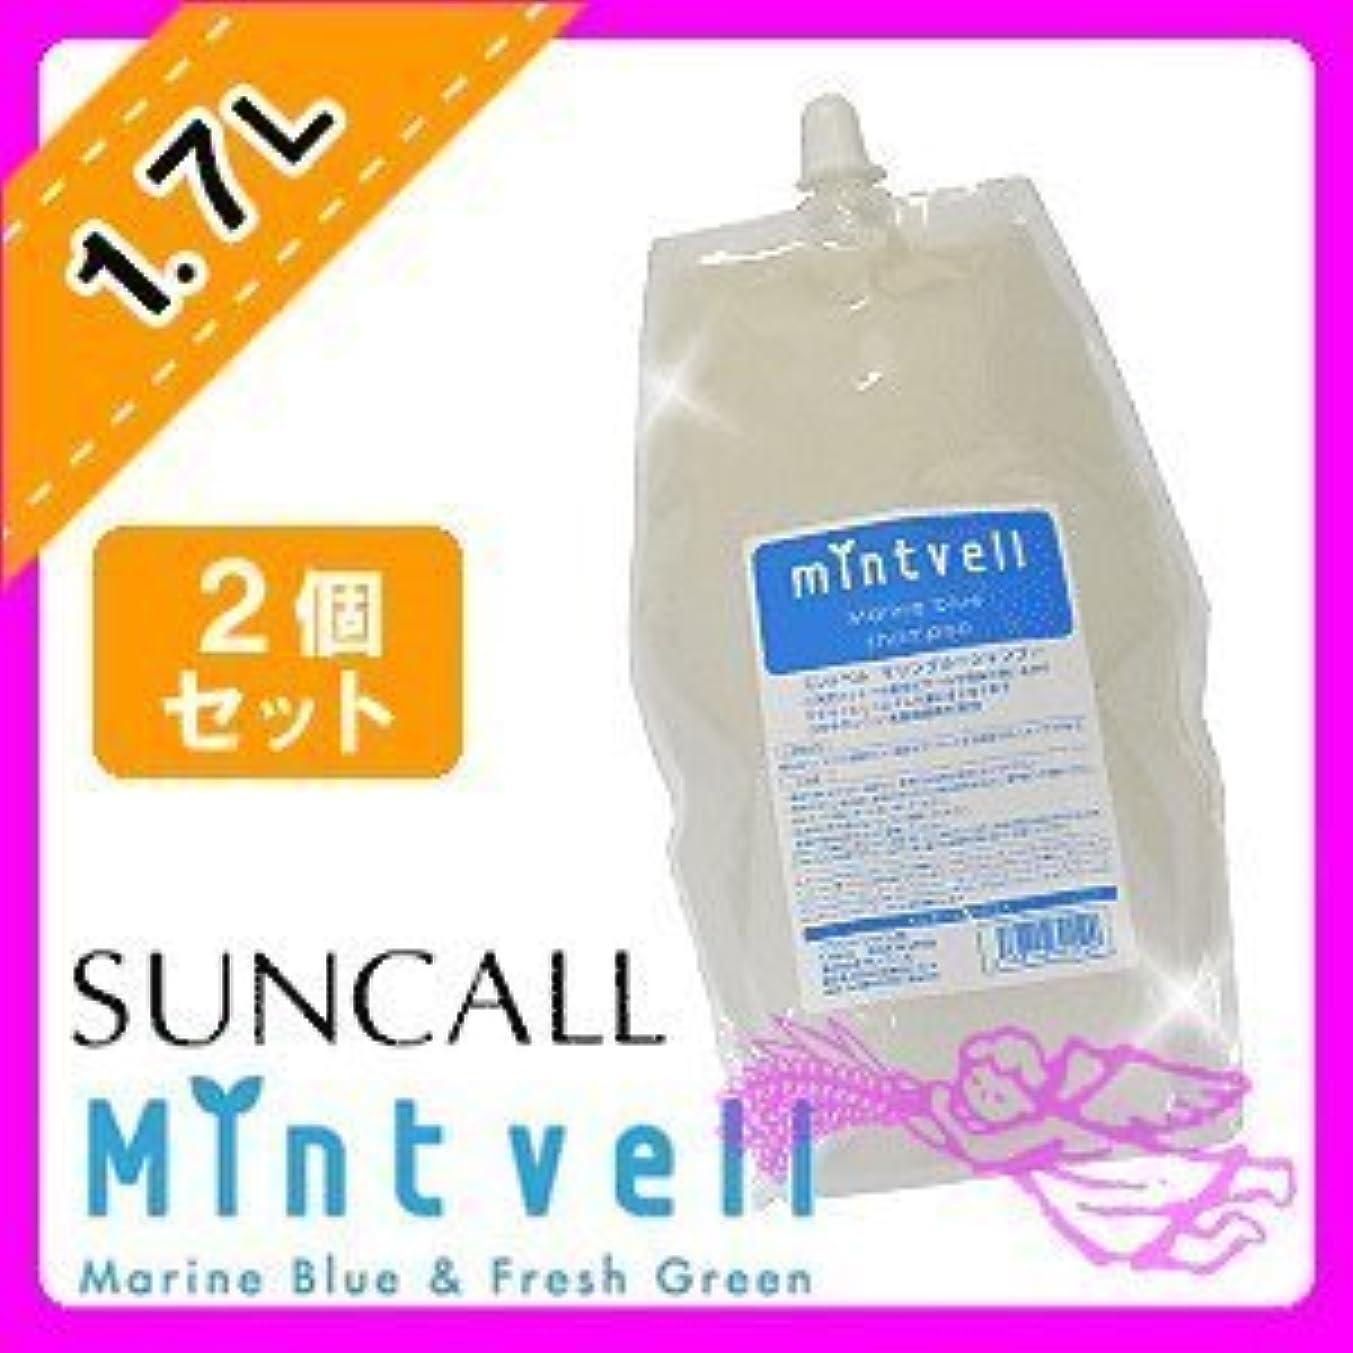 霧受け入れた引き算サンコール ミントベル マリンブルー シャンプー <1700mL×2個セット> 詰め替え用 SUNCALL mintvell メントール